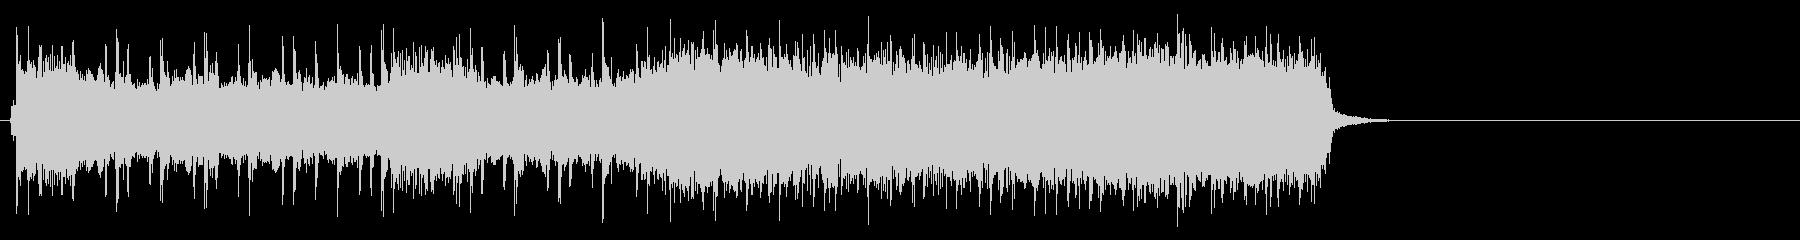 疾走感のあるハードロック(イントロ)の未再生の波形